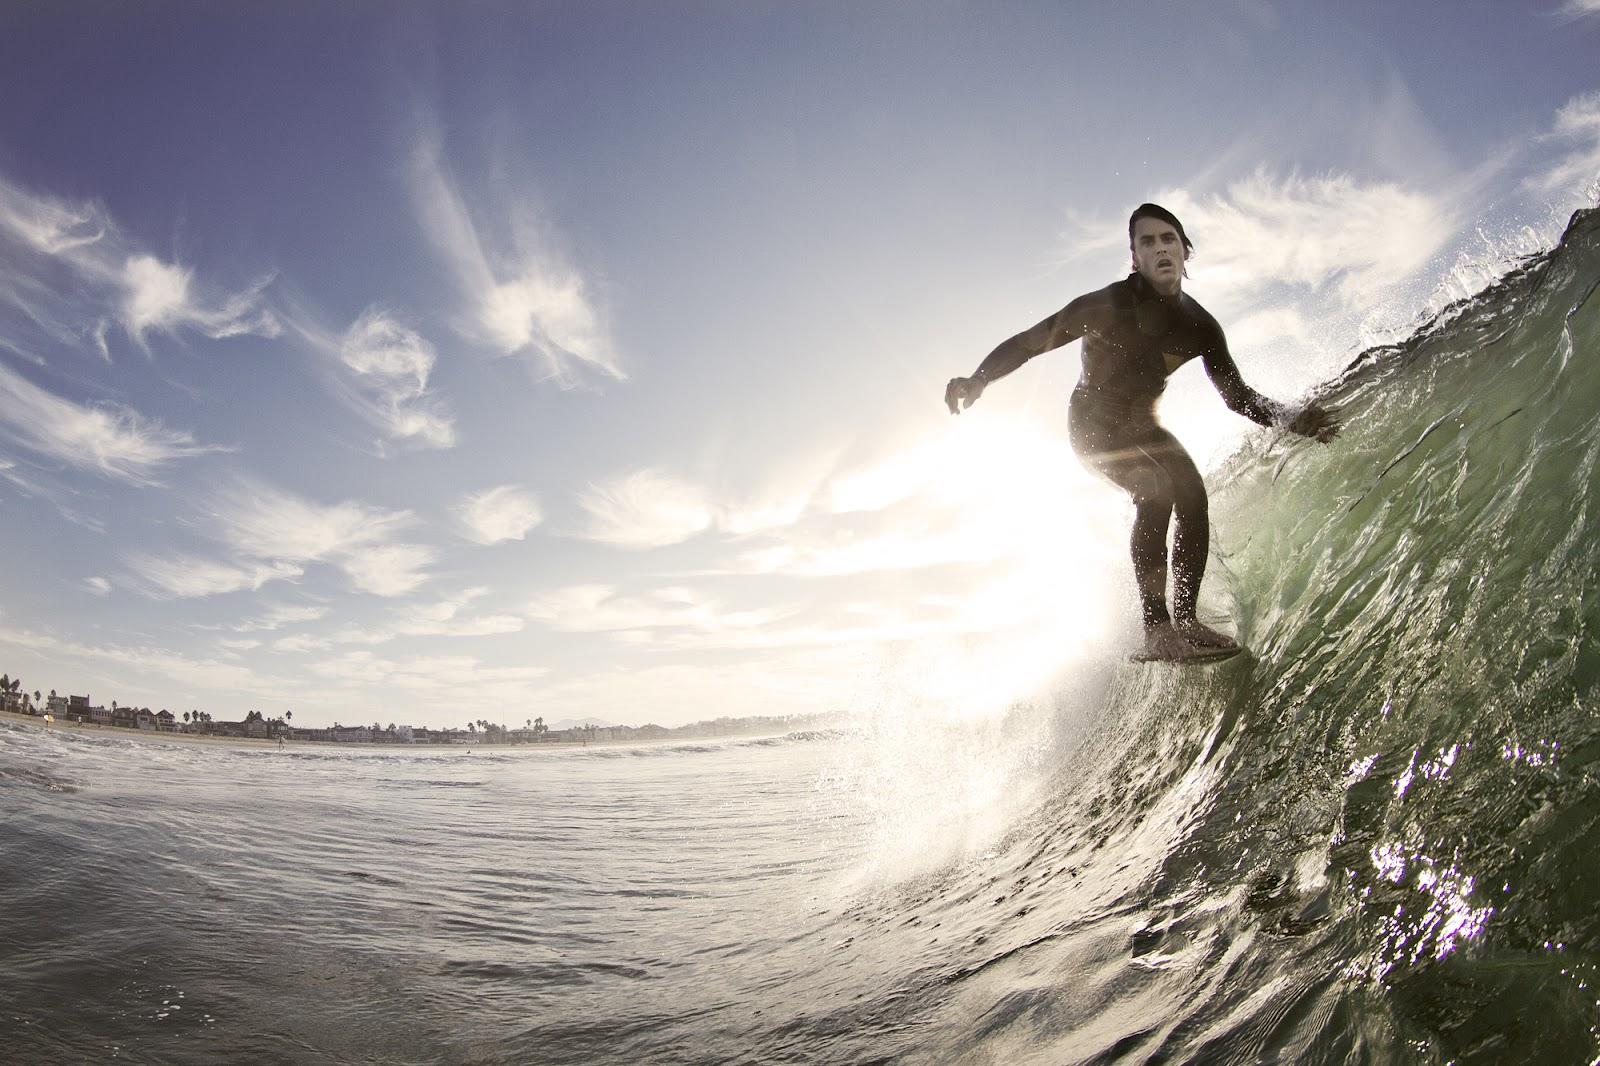 http://2.bp.blogspot.com/-Gt_dFkiv27c/UDPKJh0OKhI/AAAAAAAACKM/KCk4rmDPl0U/s1600/surf-wallpaper-hurley-scotty-nose-ride.jpg